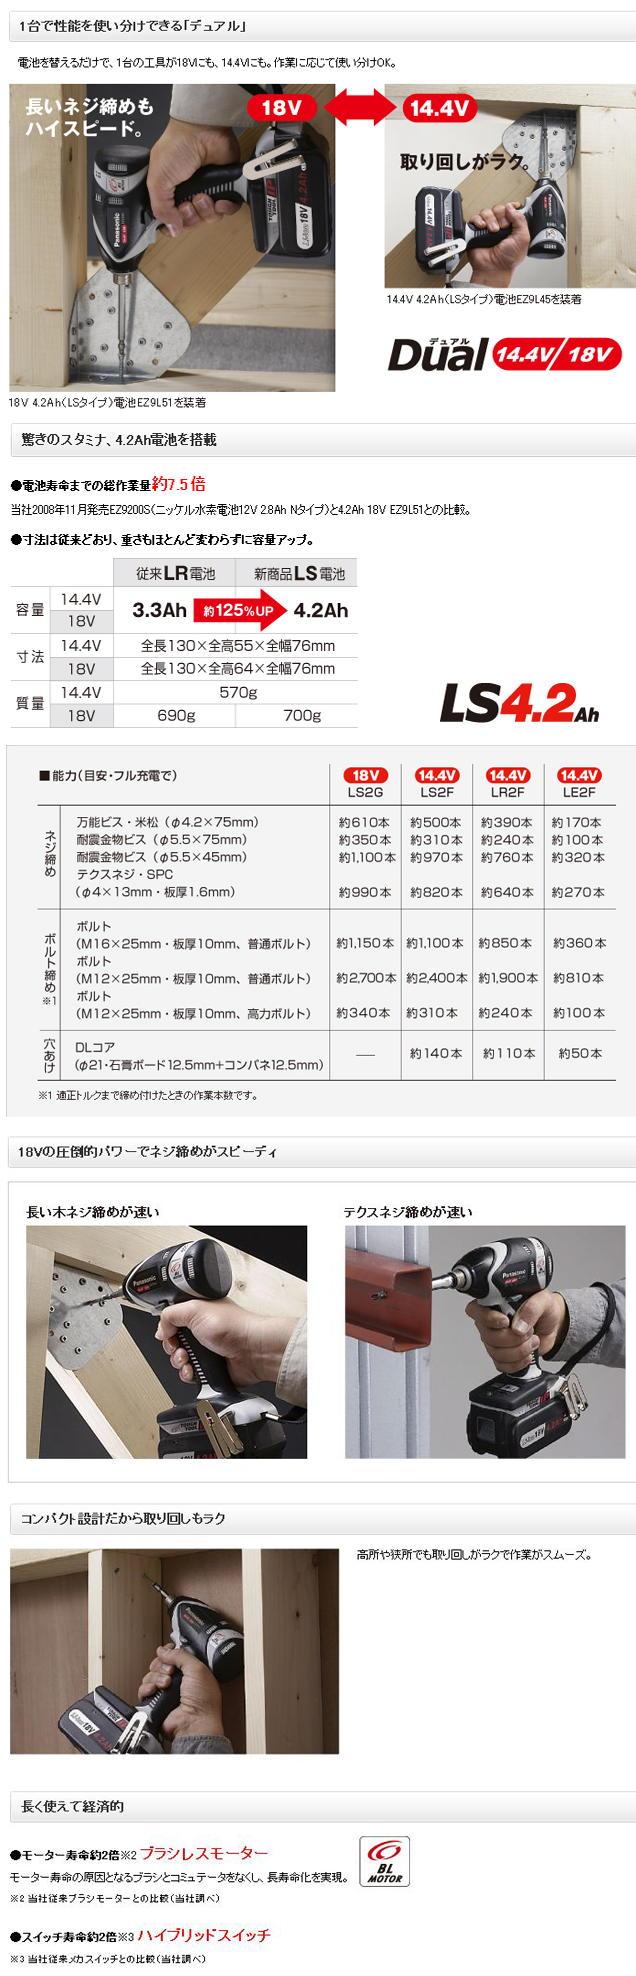 パナソニック 18V-4.2Ah充電インパクトドライバー EZ75A1(電池パックLSタイプ)